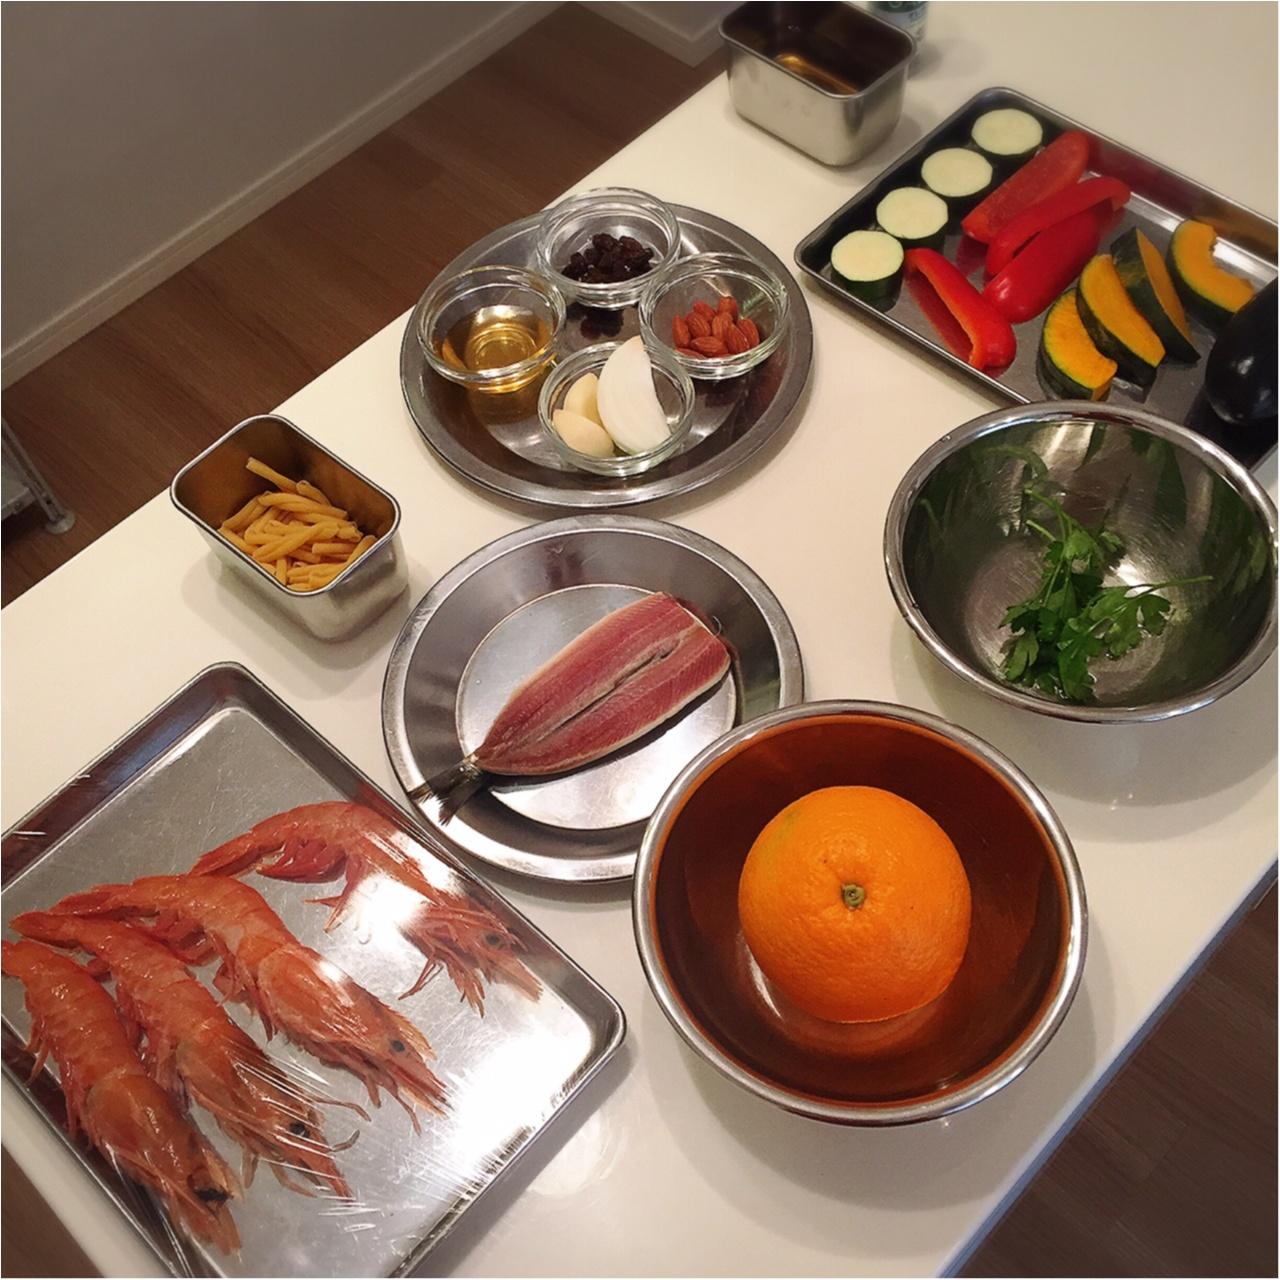 ヨメカツ☆ワンランク上のお料理でおもてなしも完璧♪レシピ付き!_4